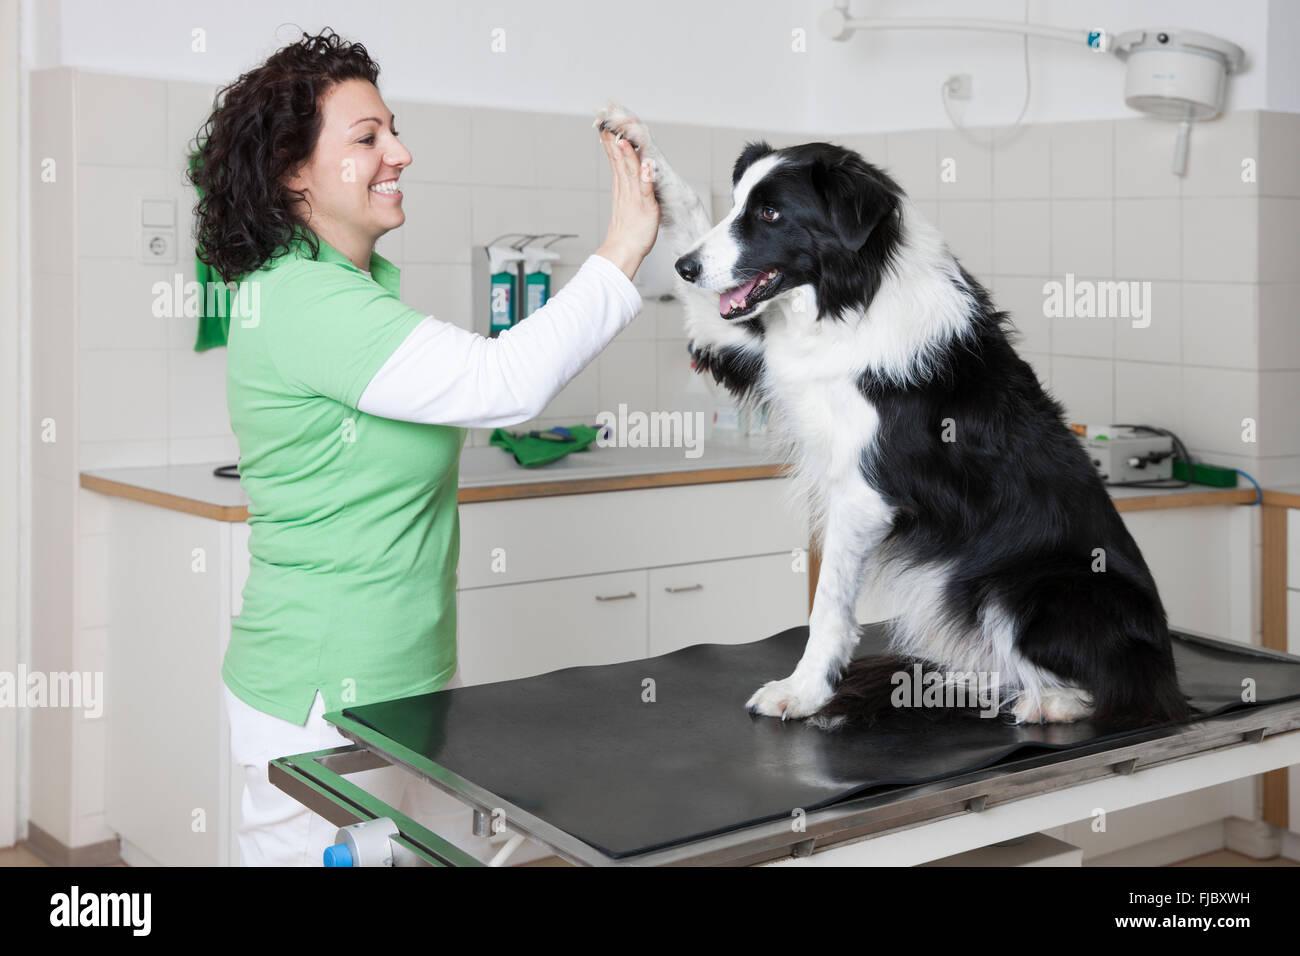 Veterinario, femmina vet facendo un alto cinque con il cane, Dammi il cinque, Border Collie Immagini Stock